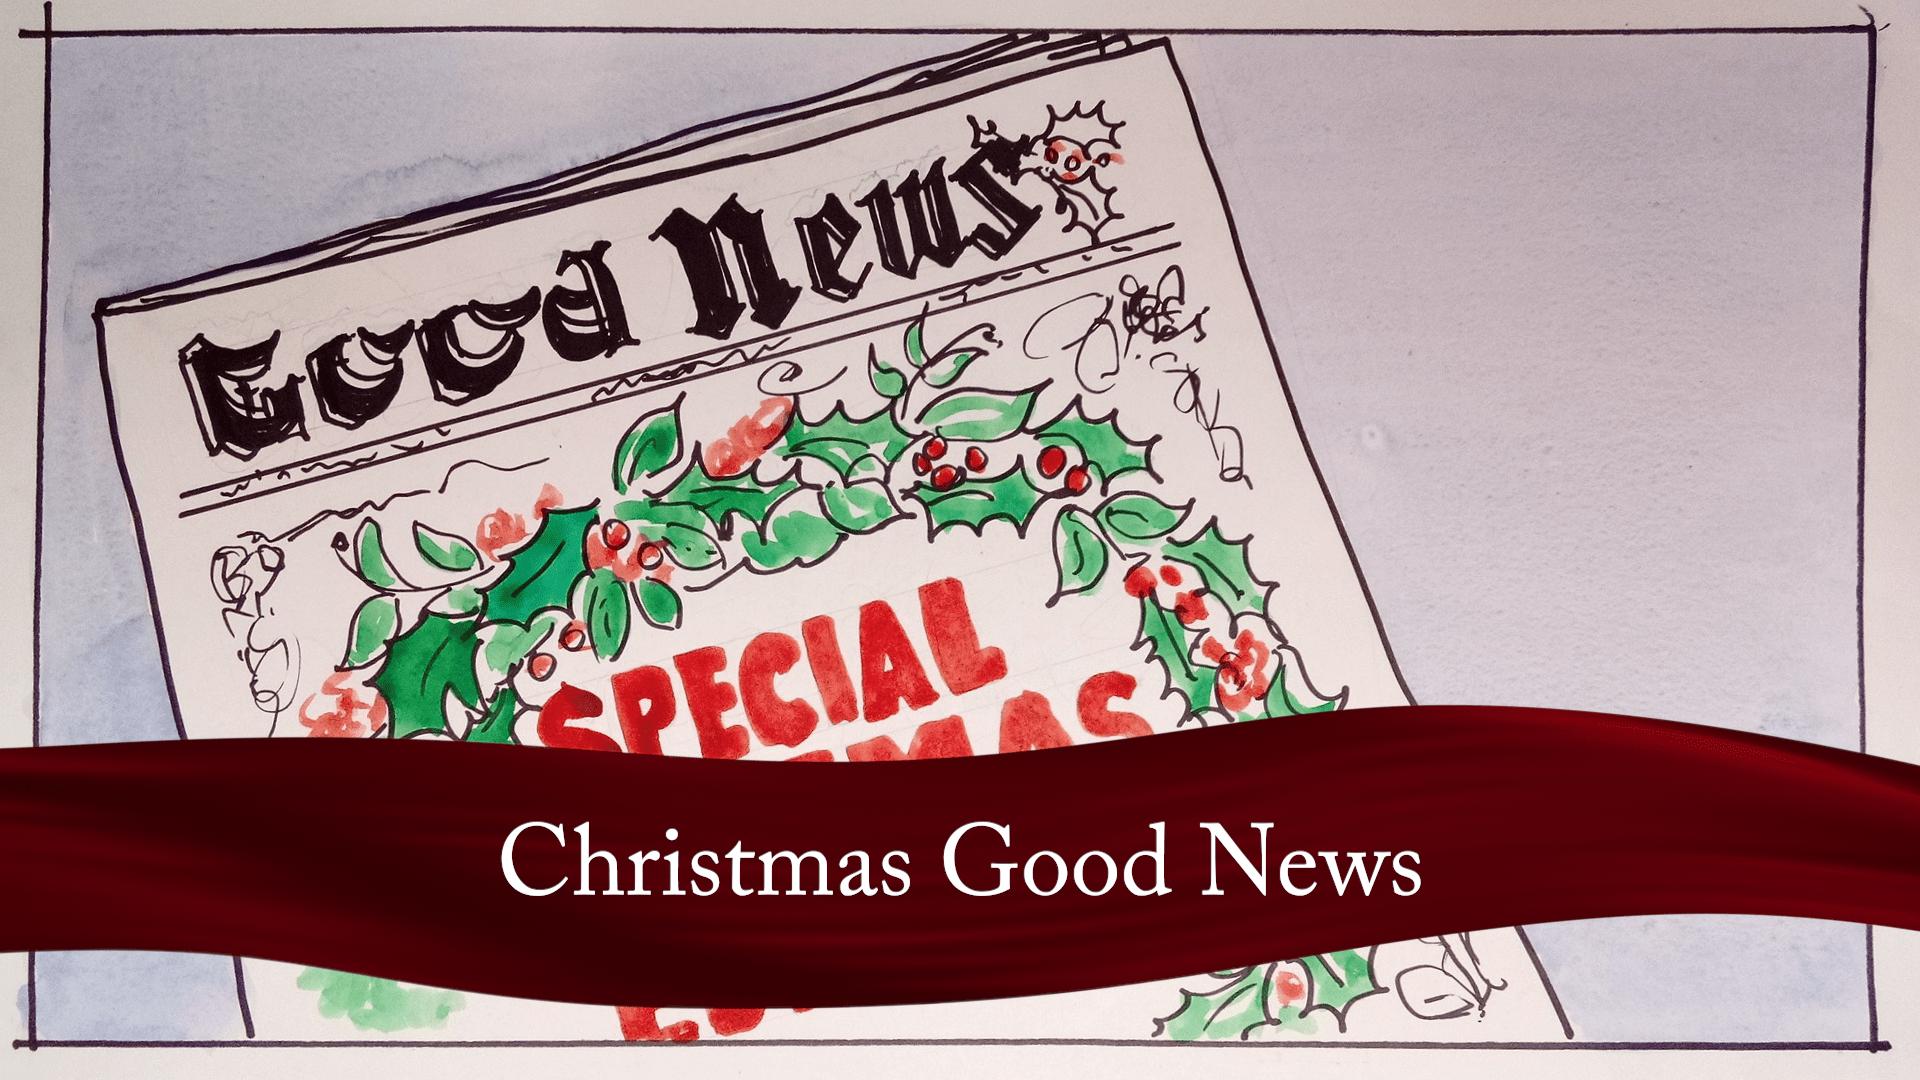 Christmas Good News